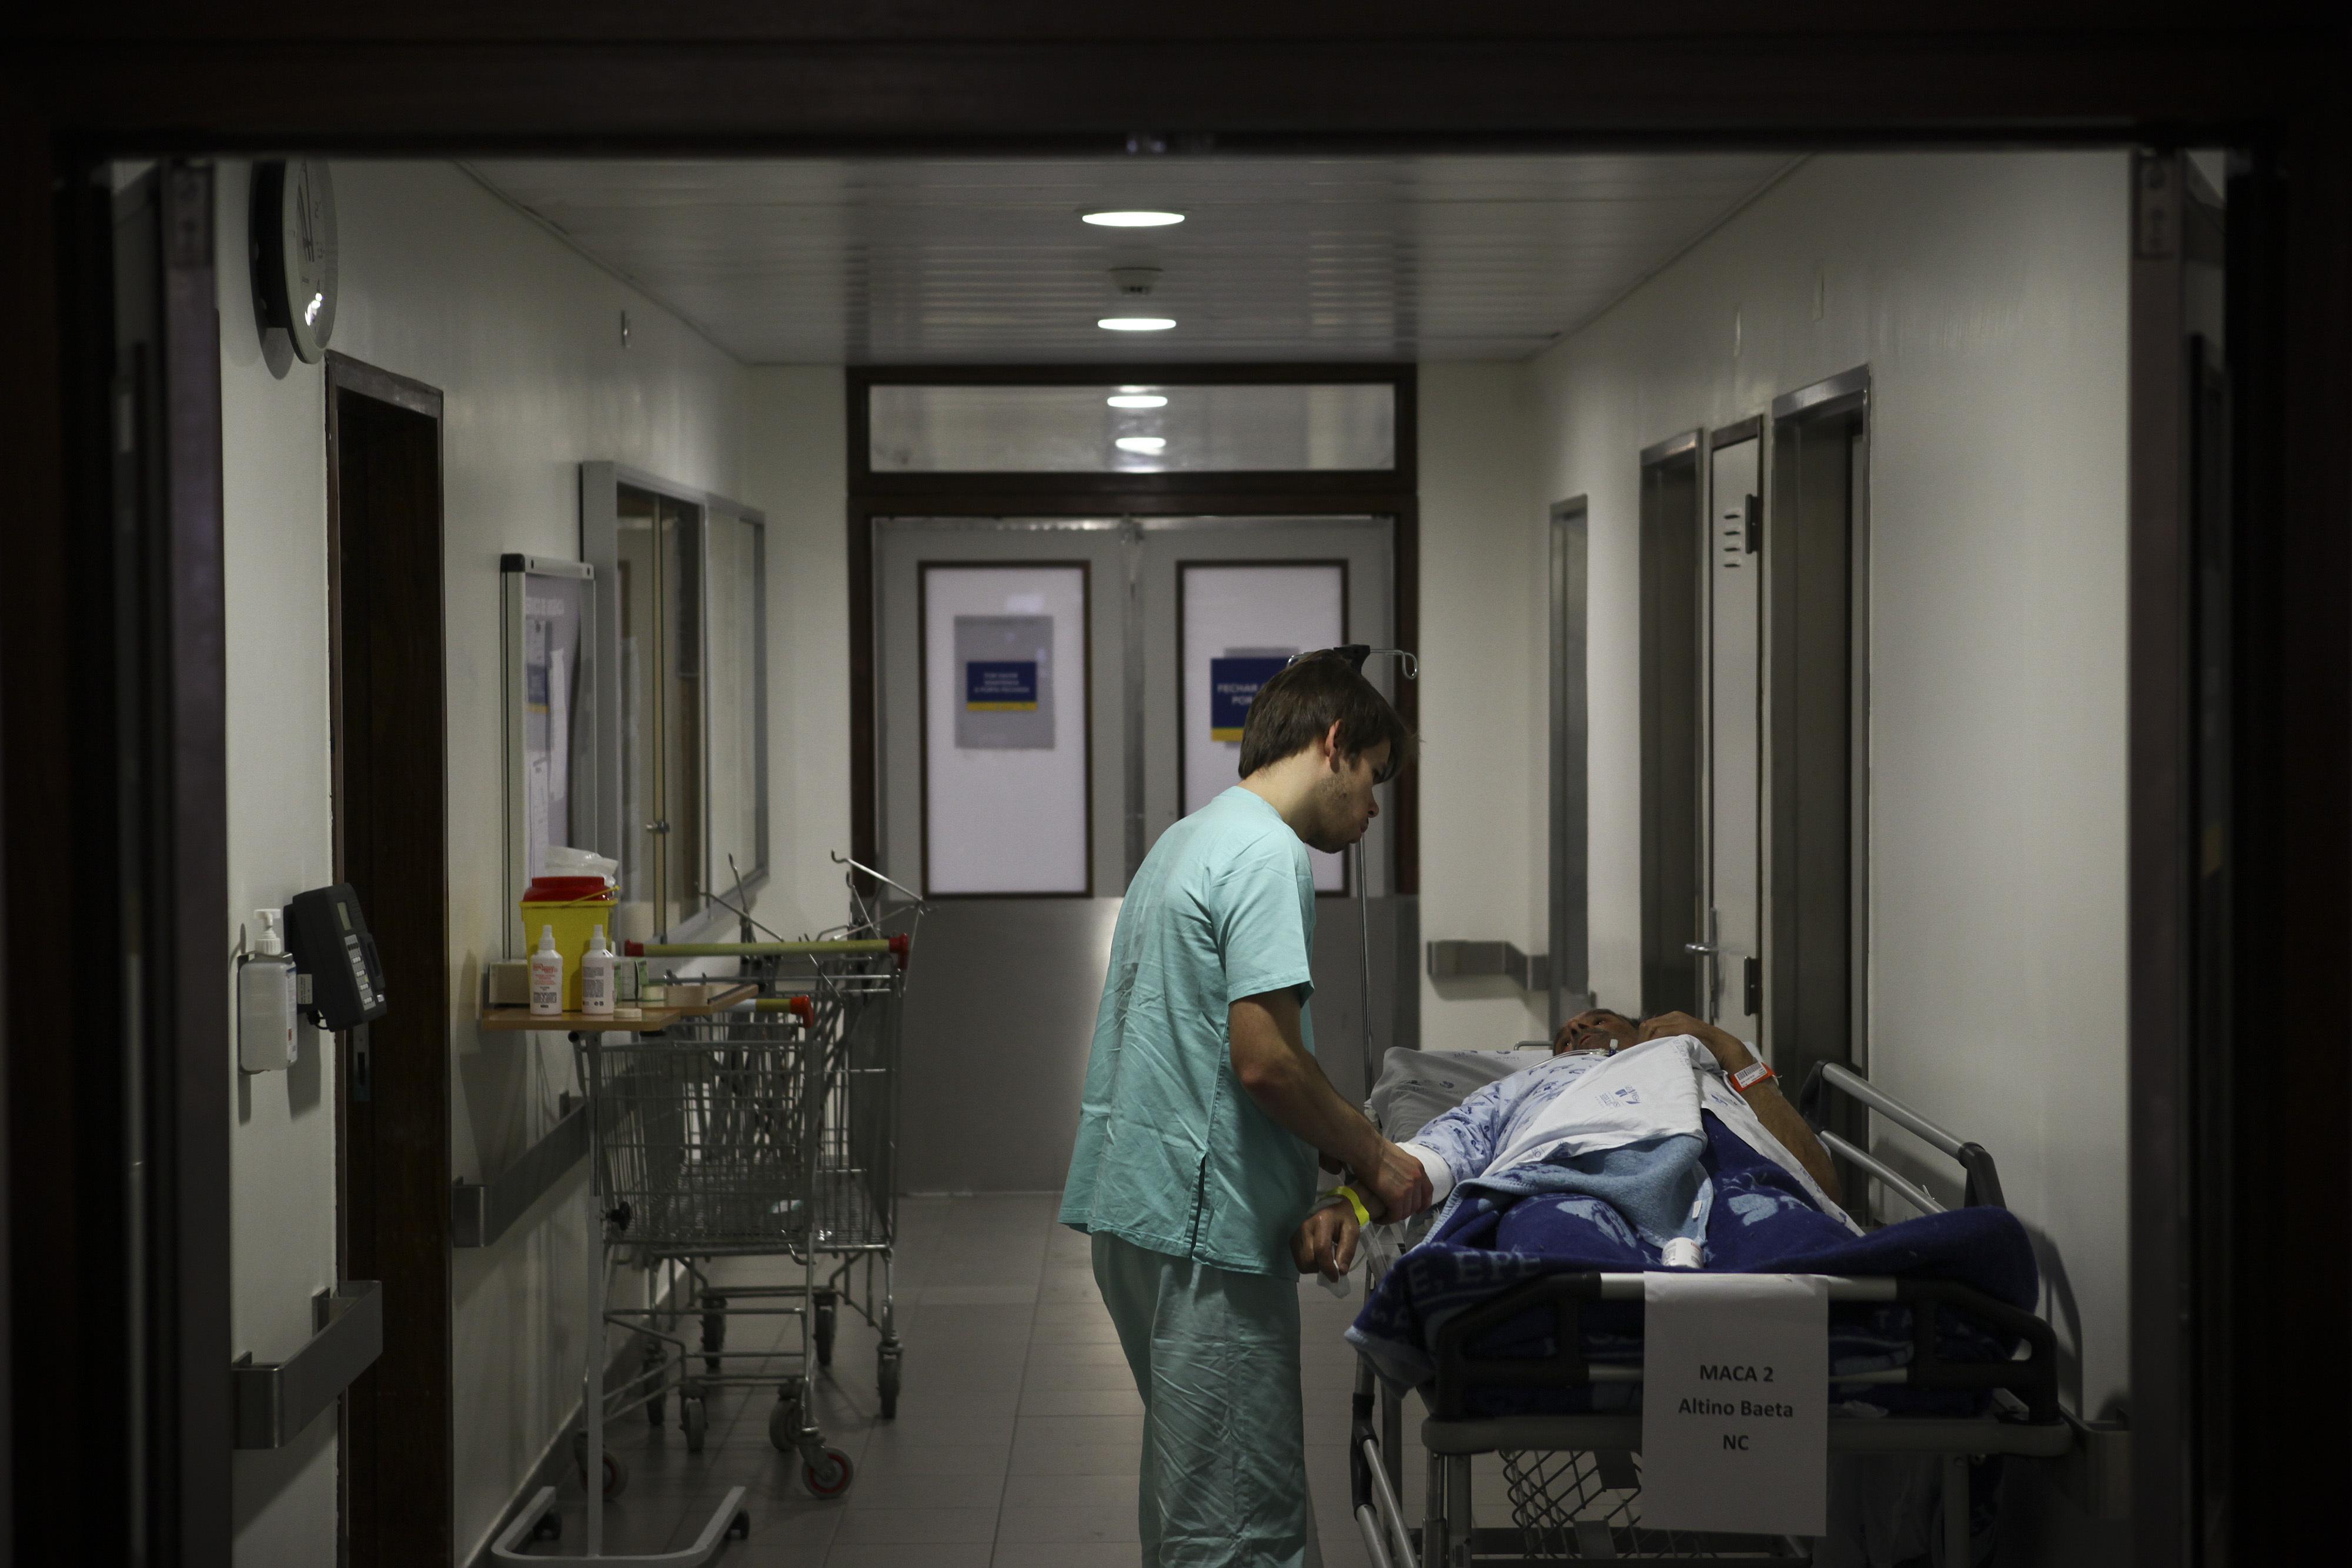 Enfermeiros de Viseu com contrato individual exigem 35 horas semanais